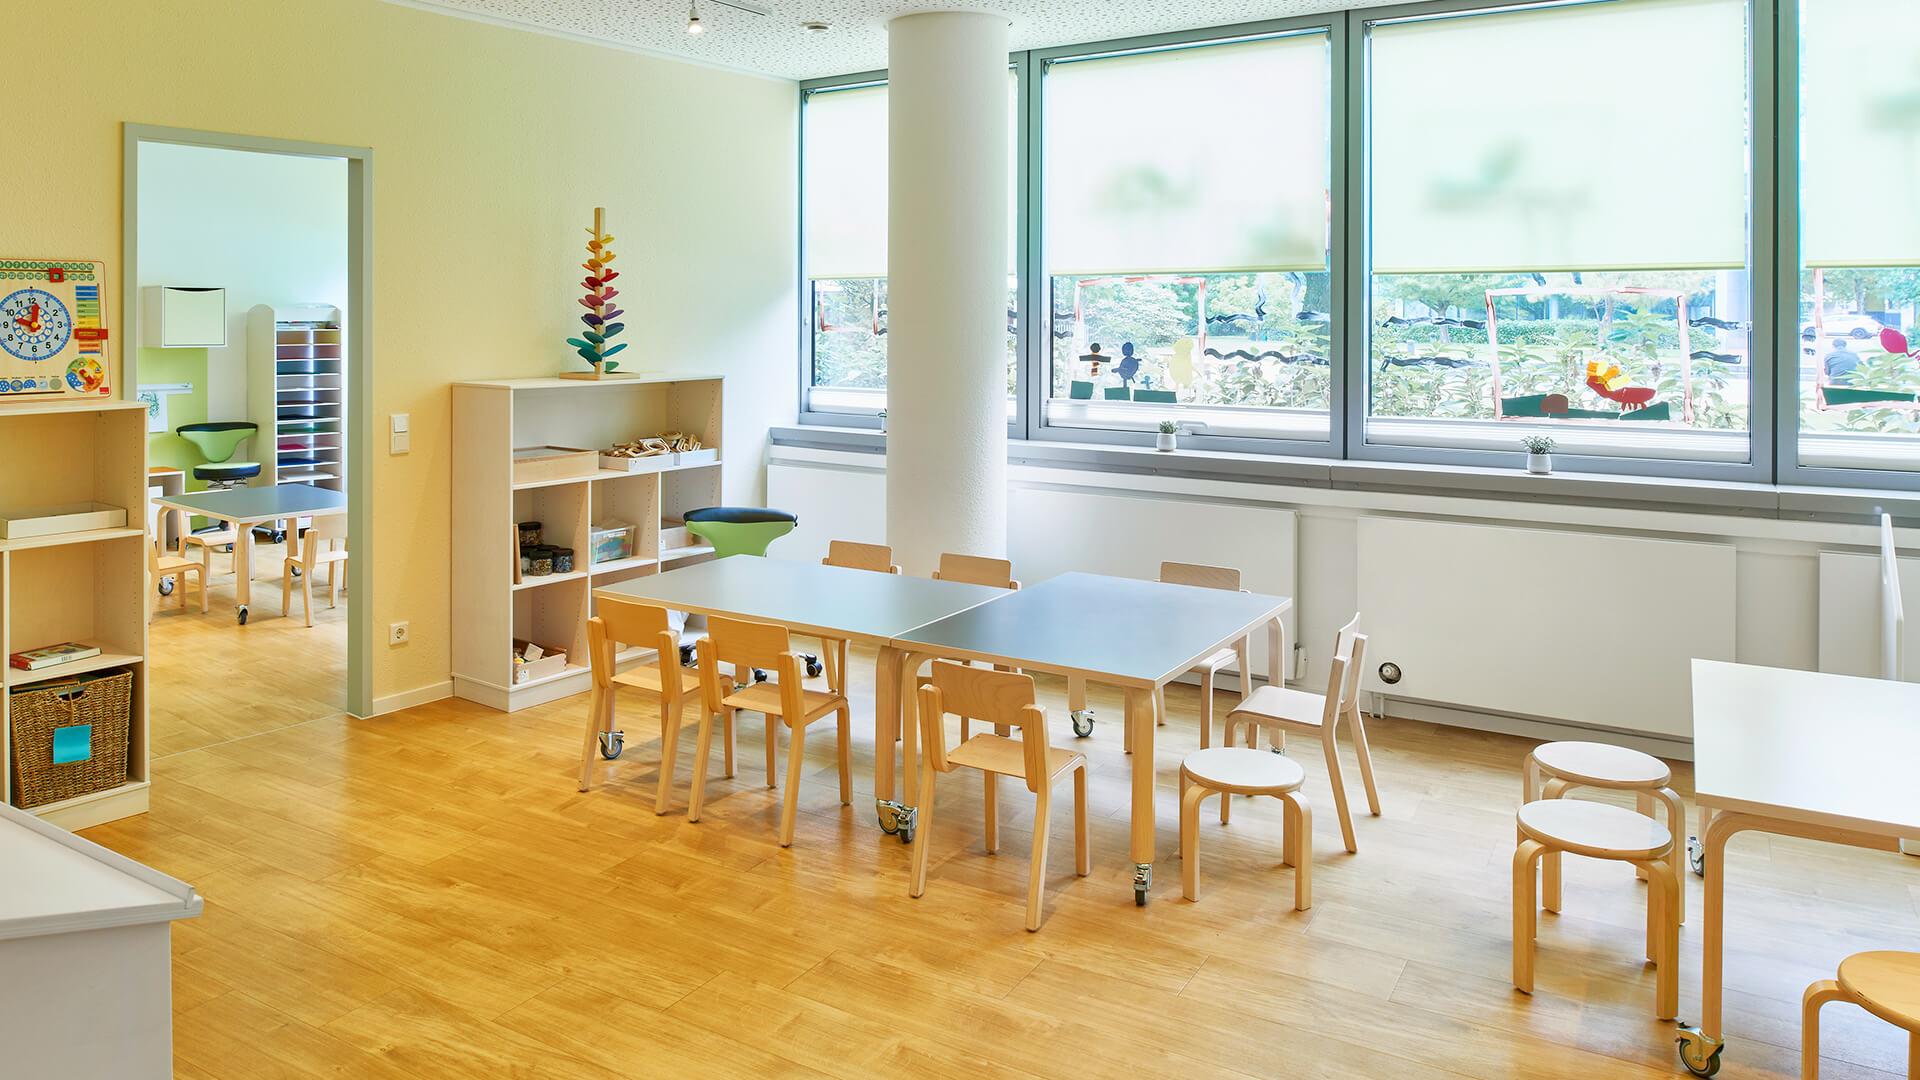 Große bemalte Fenster, Lern-Spielzeug und Tische mit Platz für viele Kinder